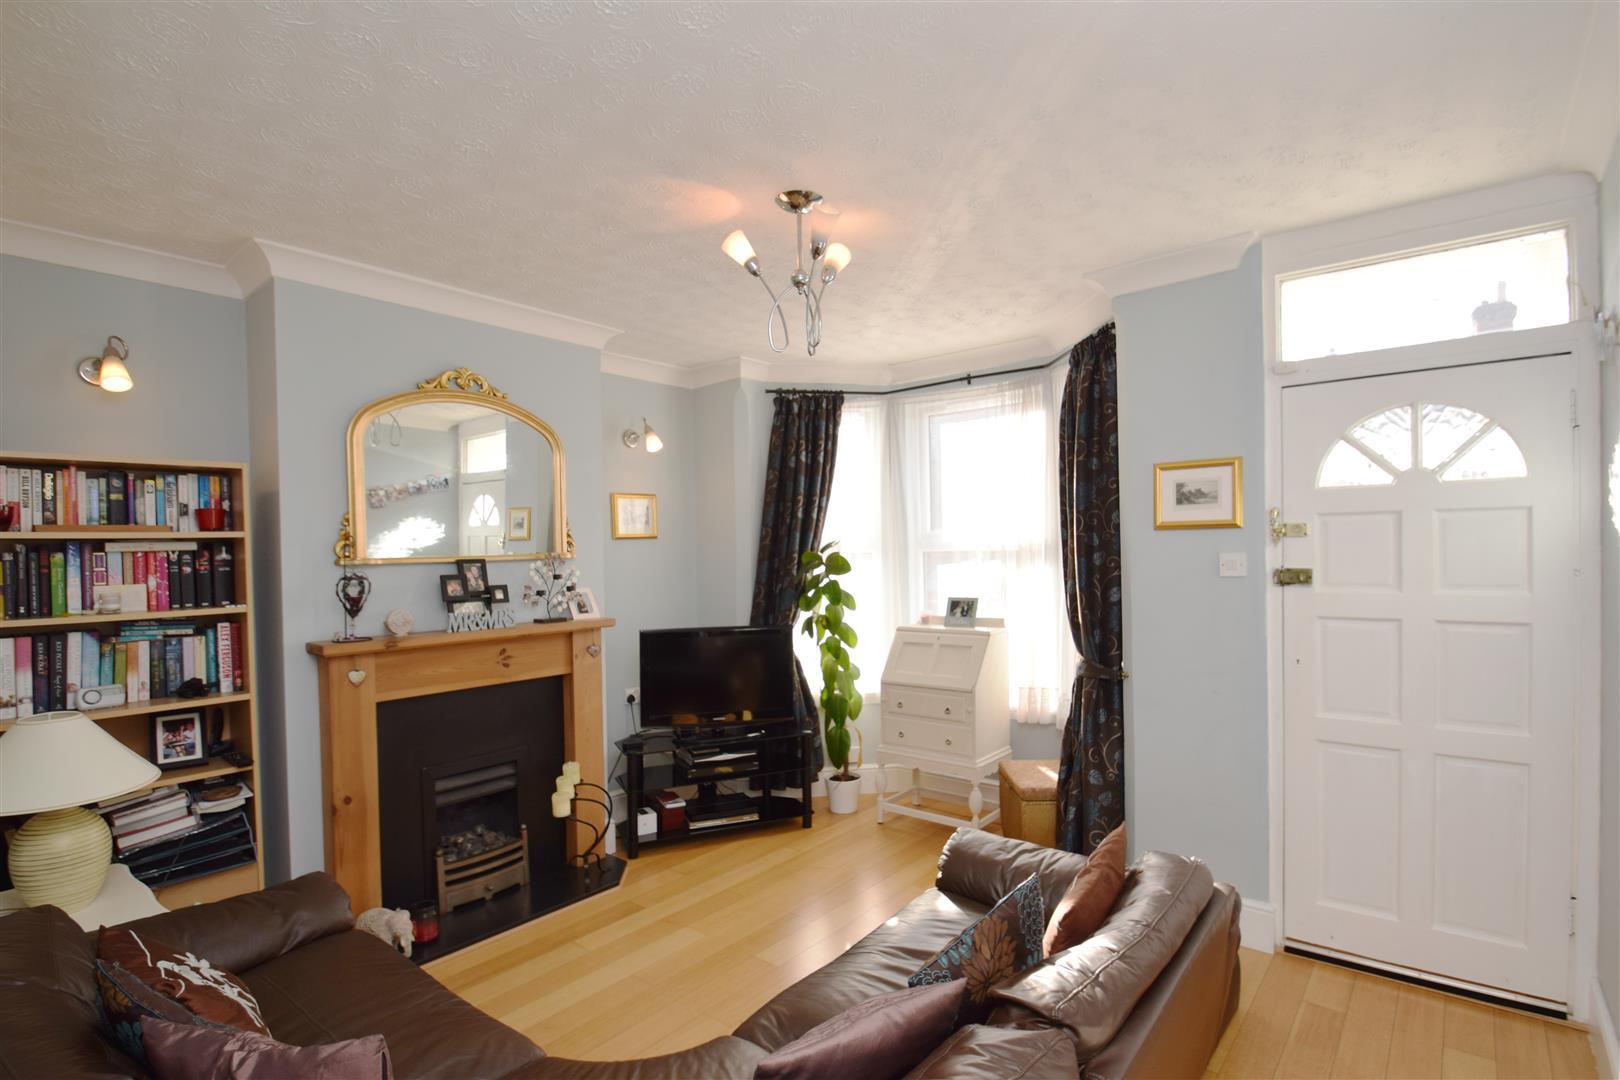 Rent A Room Caversham